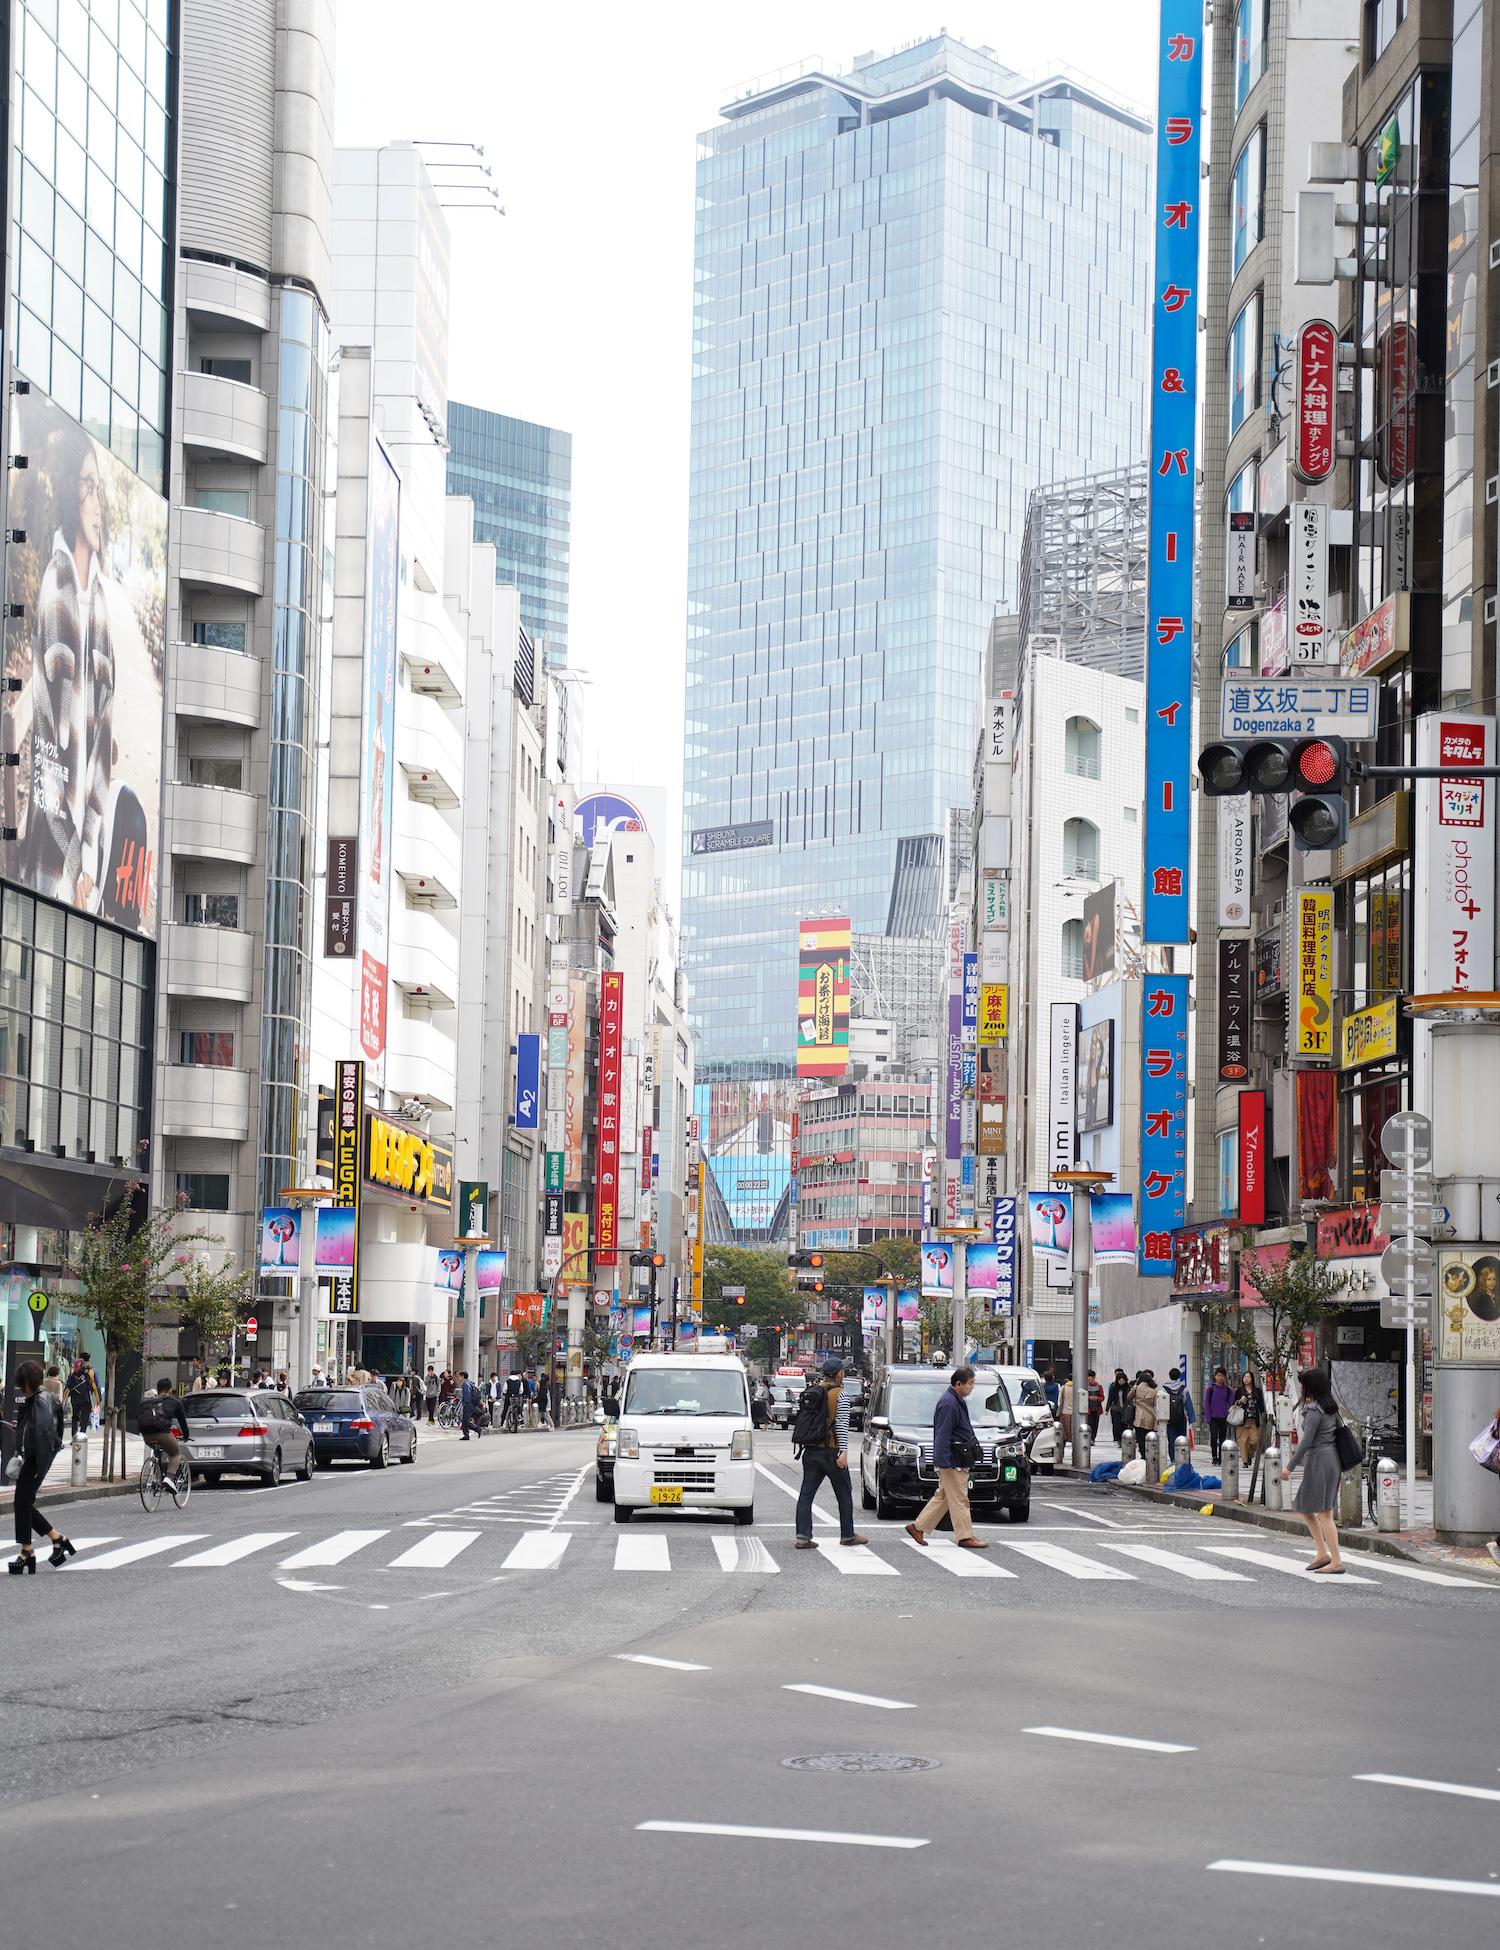 東急本店三差路から眺めた「渋谷スクランブルスクエアのヴィジョン」